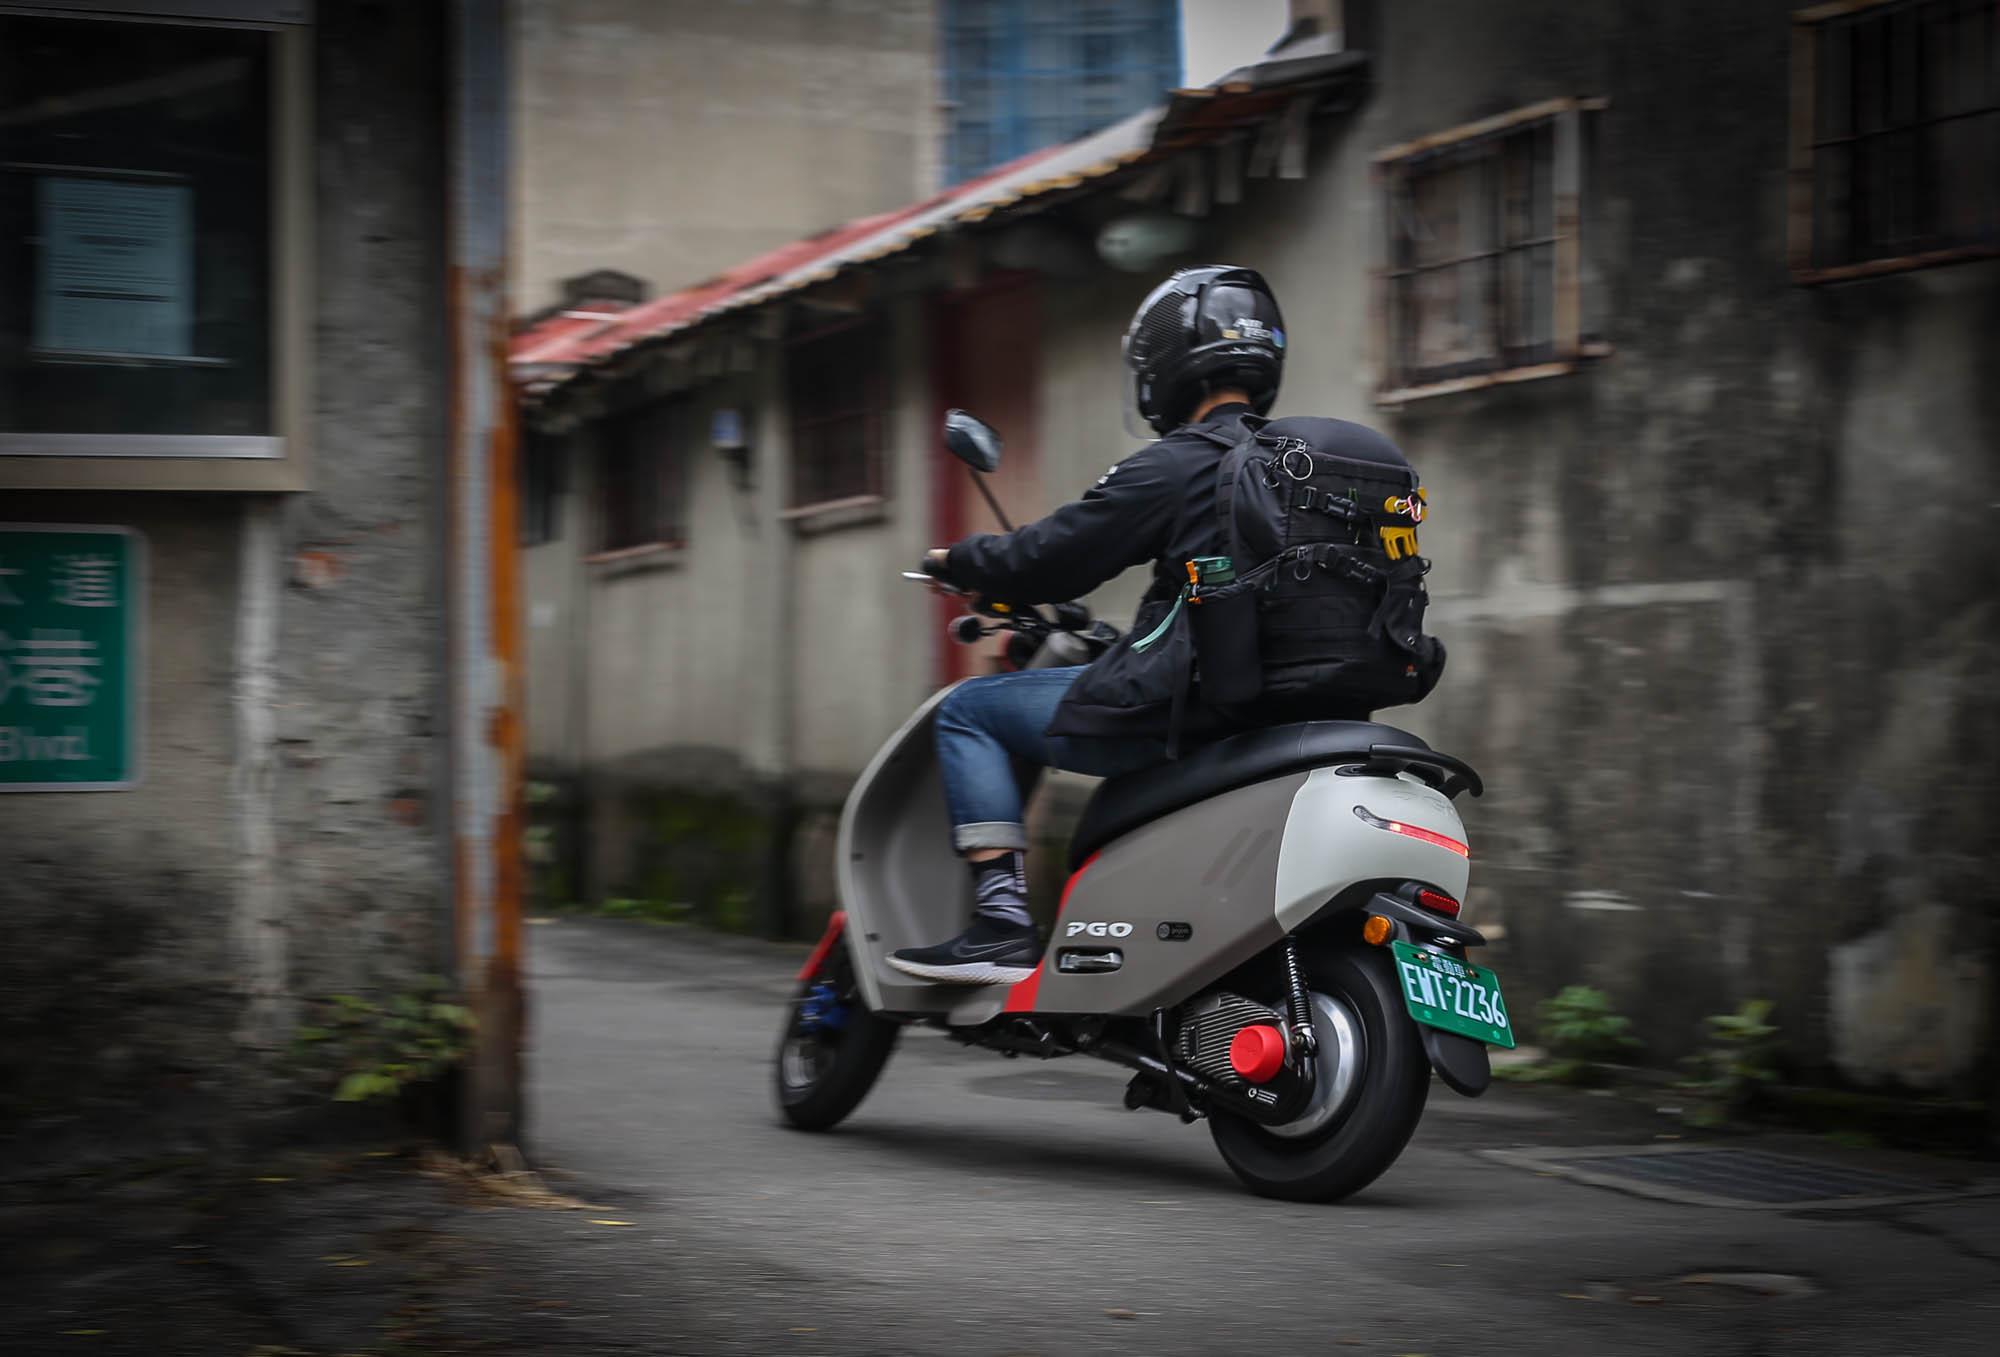 輕巧好操控,動力面於低速提速時相當輕快,短程代步相當適合,也相當適合在台灣的都會巷弄中穿梭。